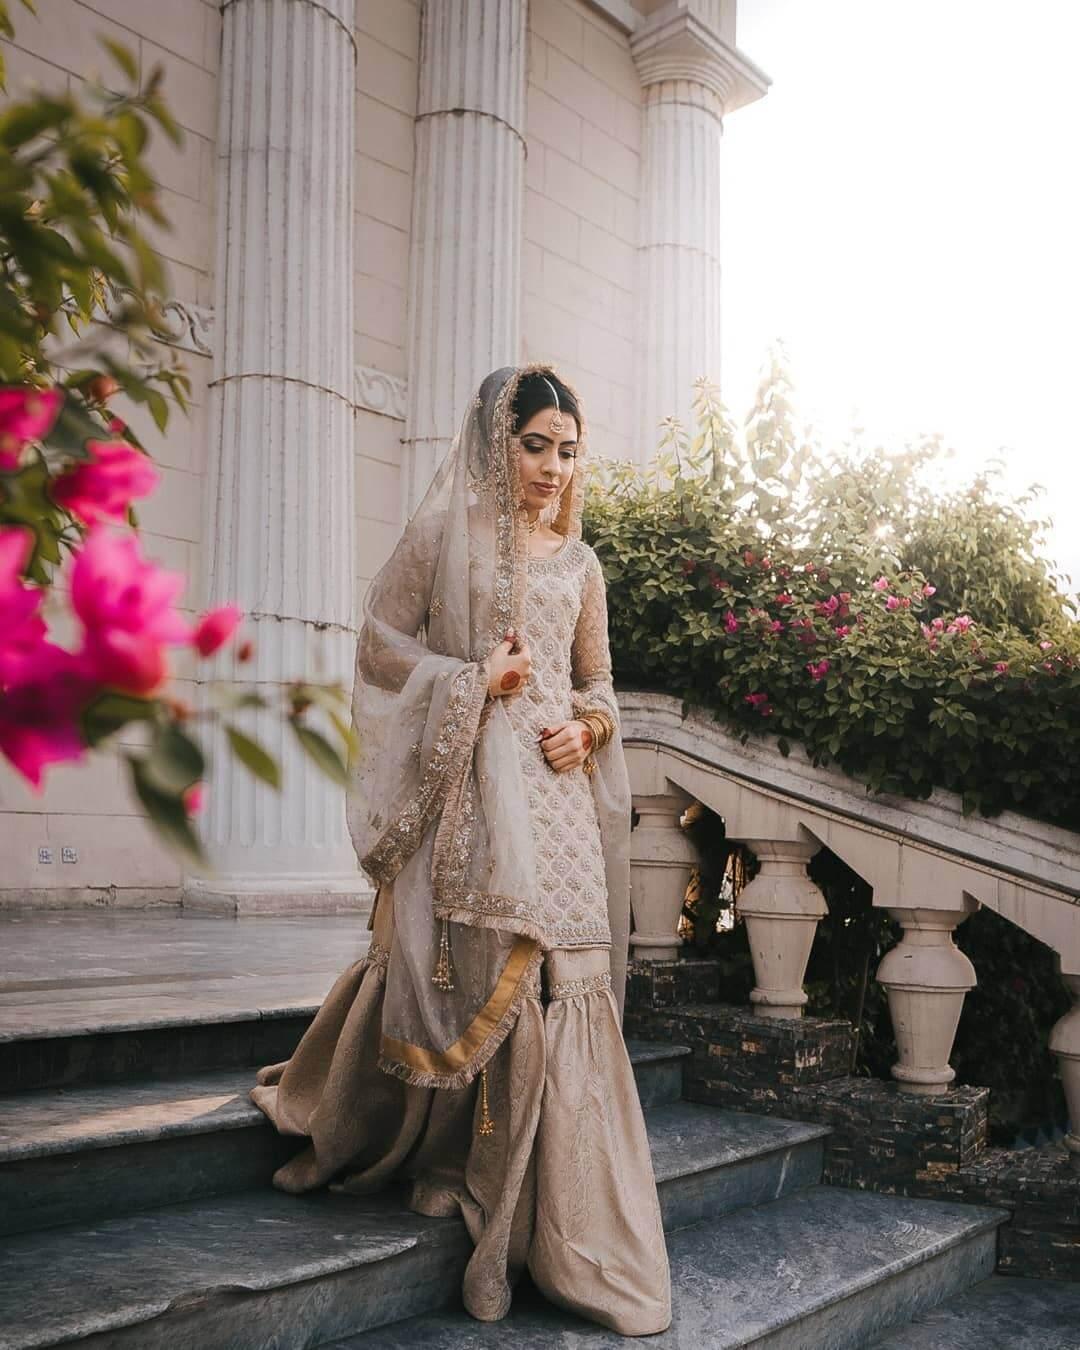 The Royal Grey Designer Sharara & Gharara Suits